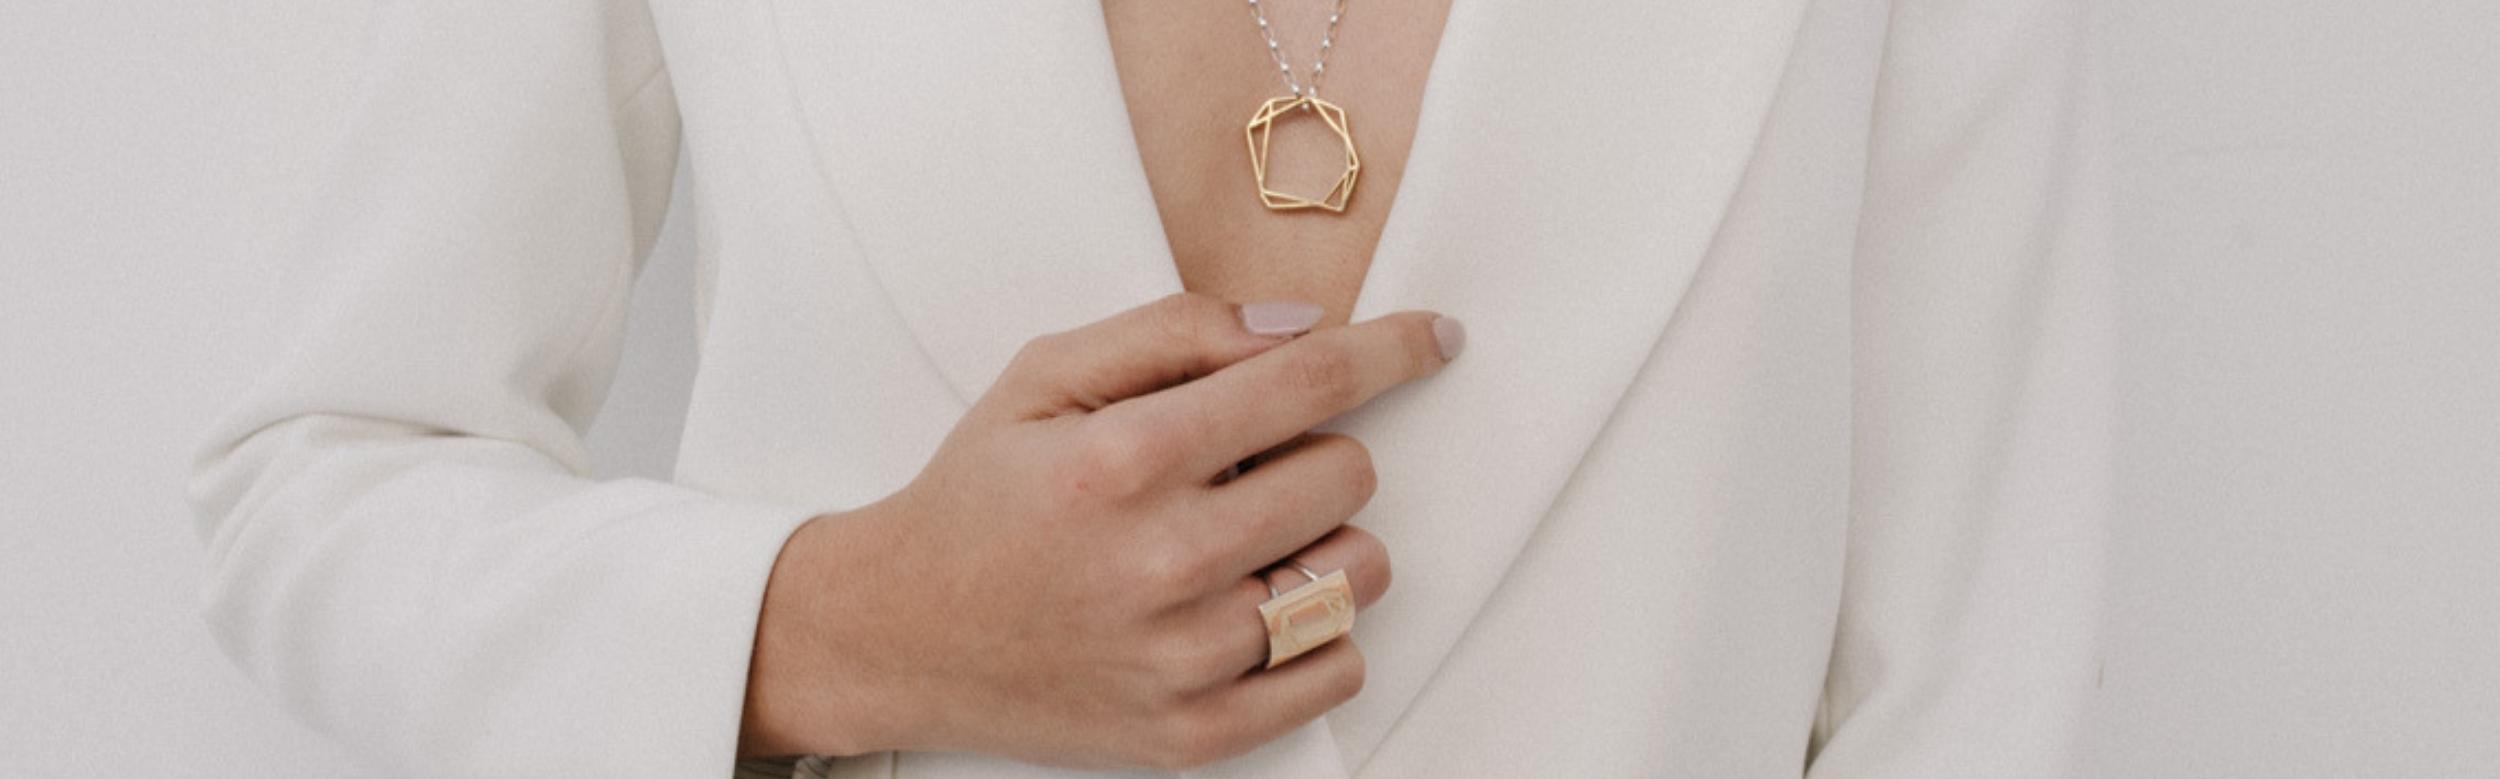 Joyas para mujeres_NEHCAA Jewelry_Plata Sostenible